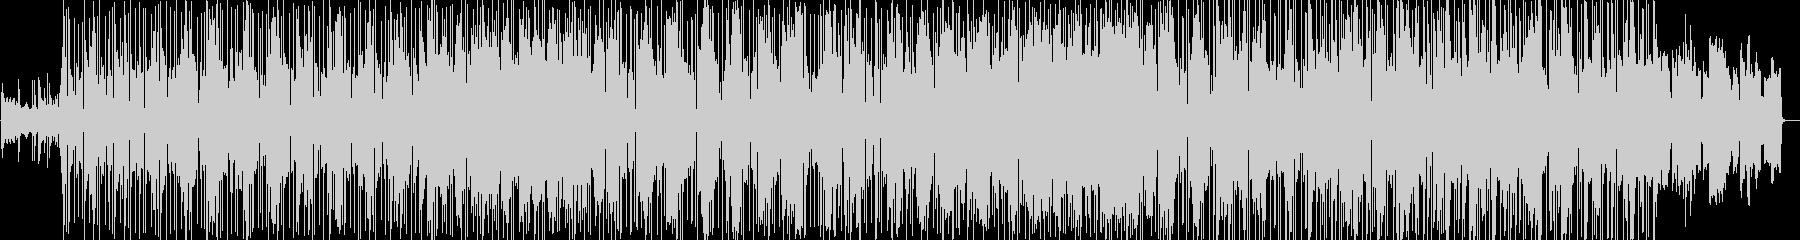 ファンクなピアノスムースジャズの未再生の波形